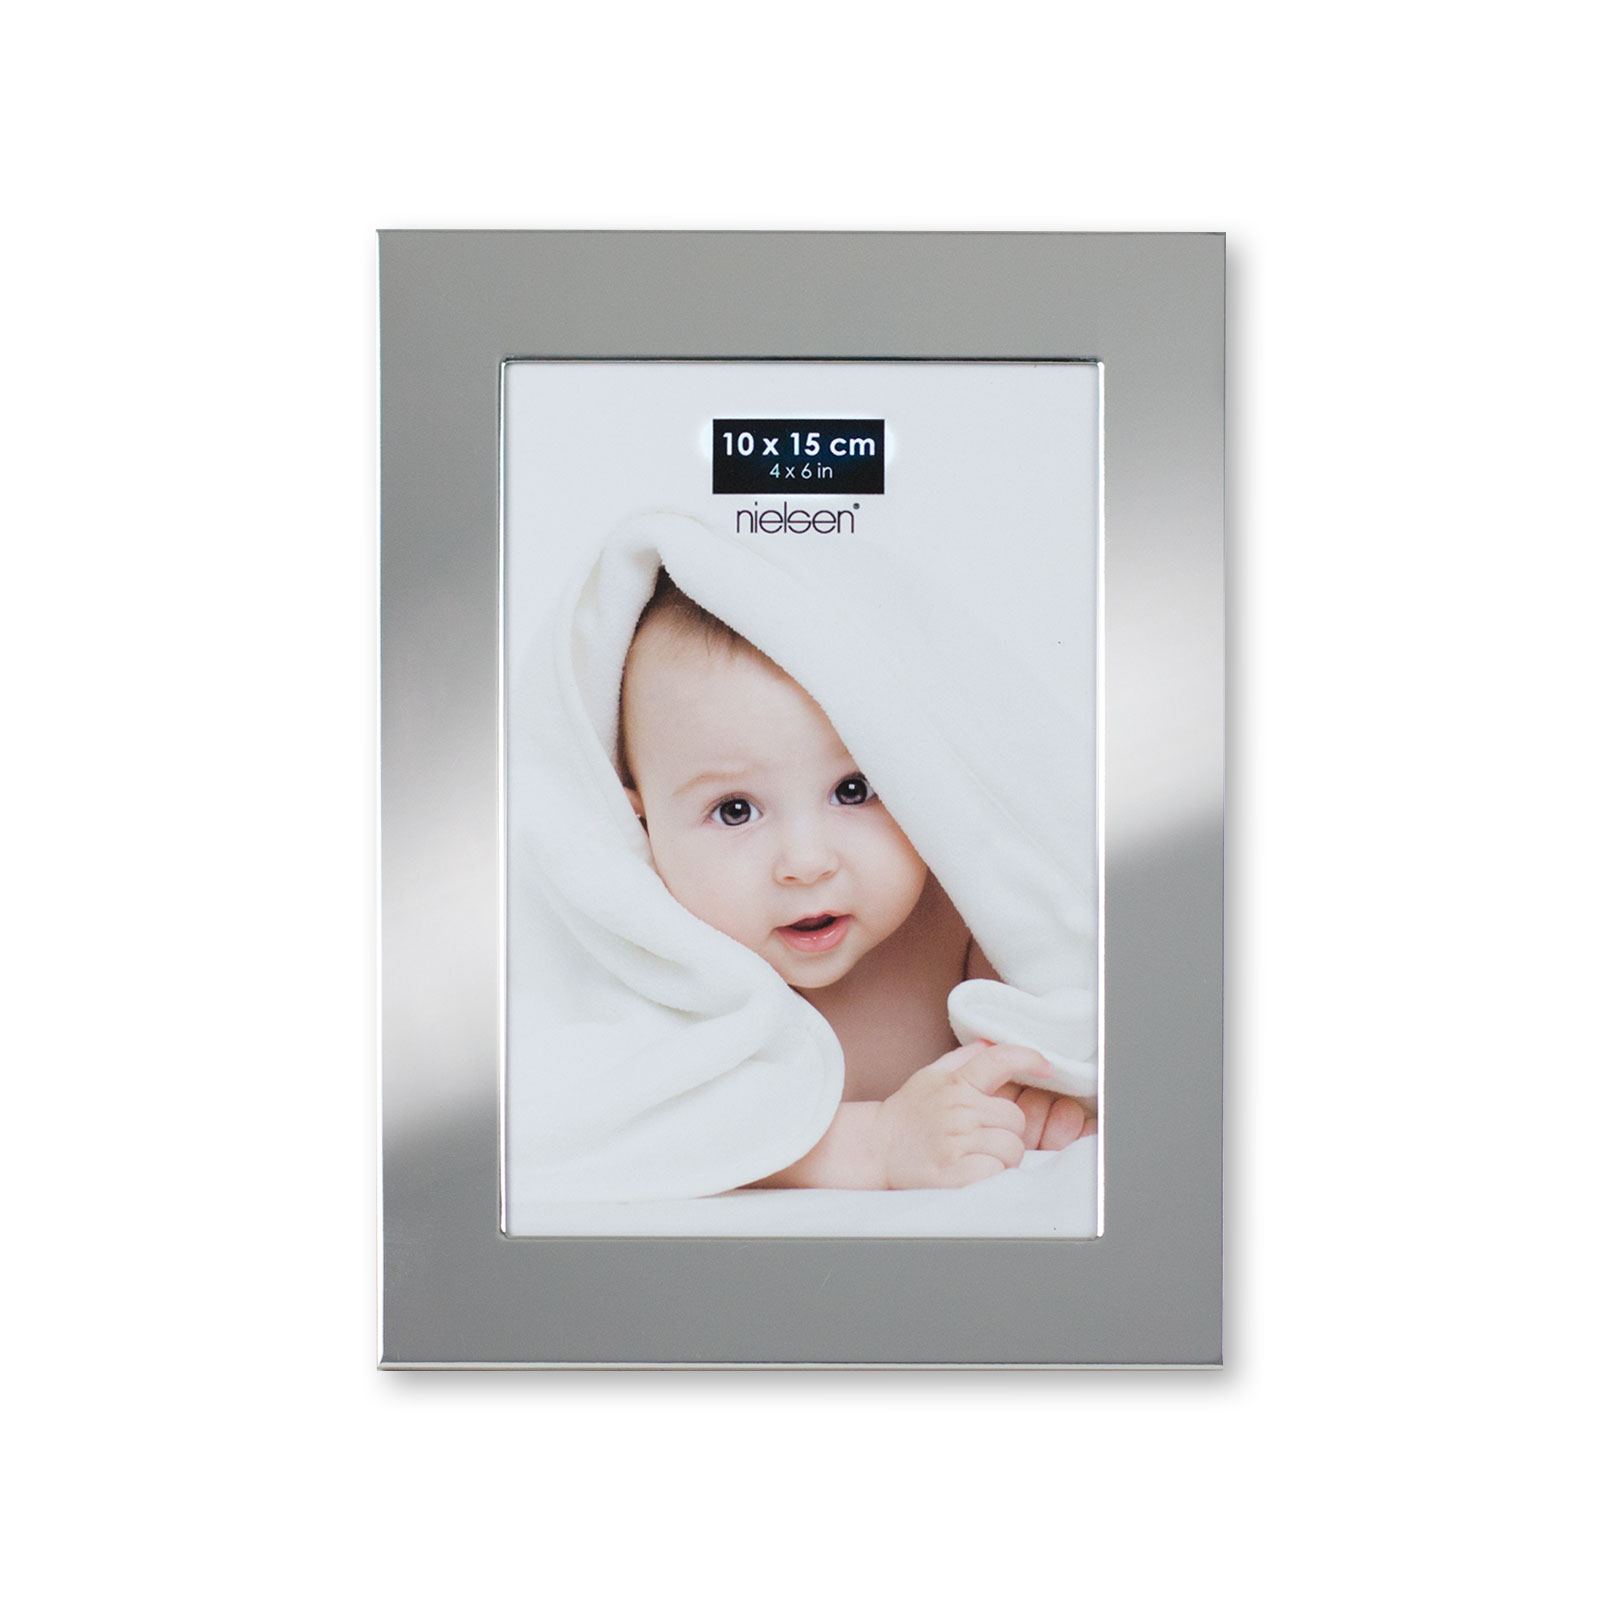 Nielsen Fotorahmen Profil 8 - 10x15 - 4er Set | Fotorahmen ...